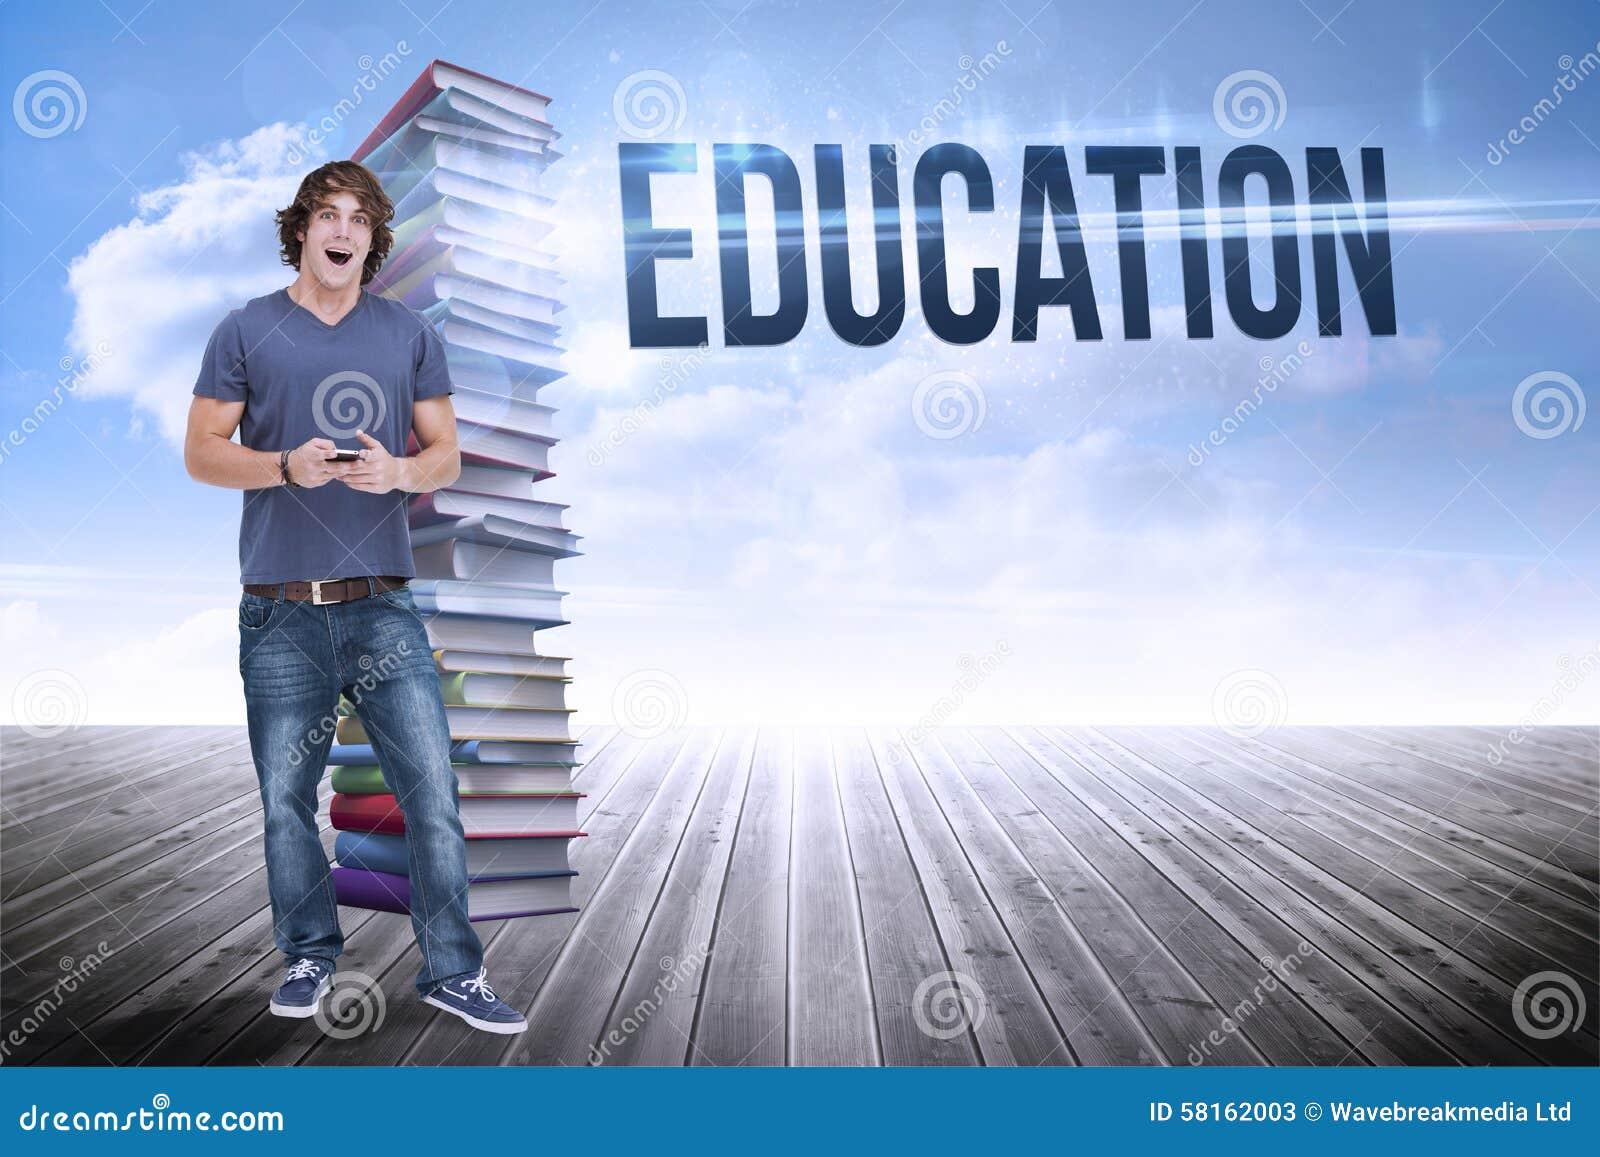 Bildung gegen Stapel Bücher gegen Himmel